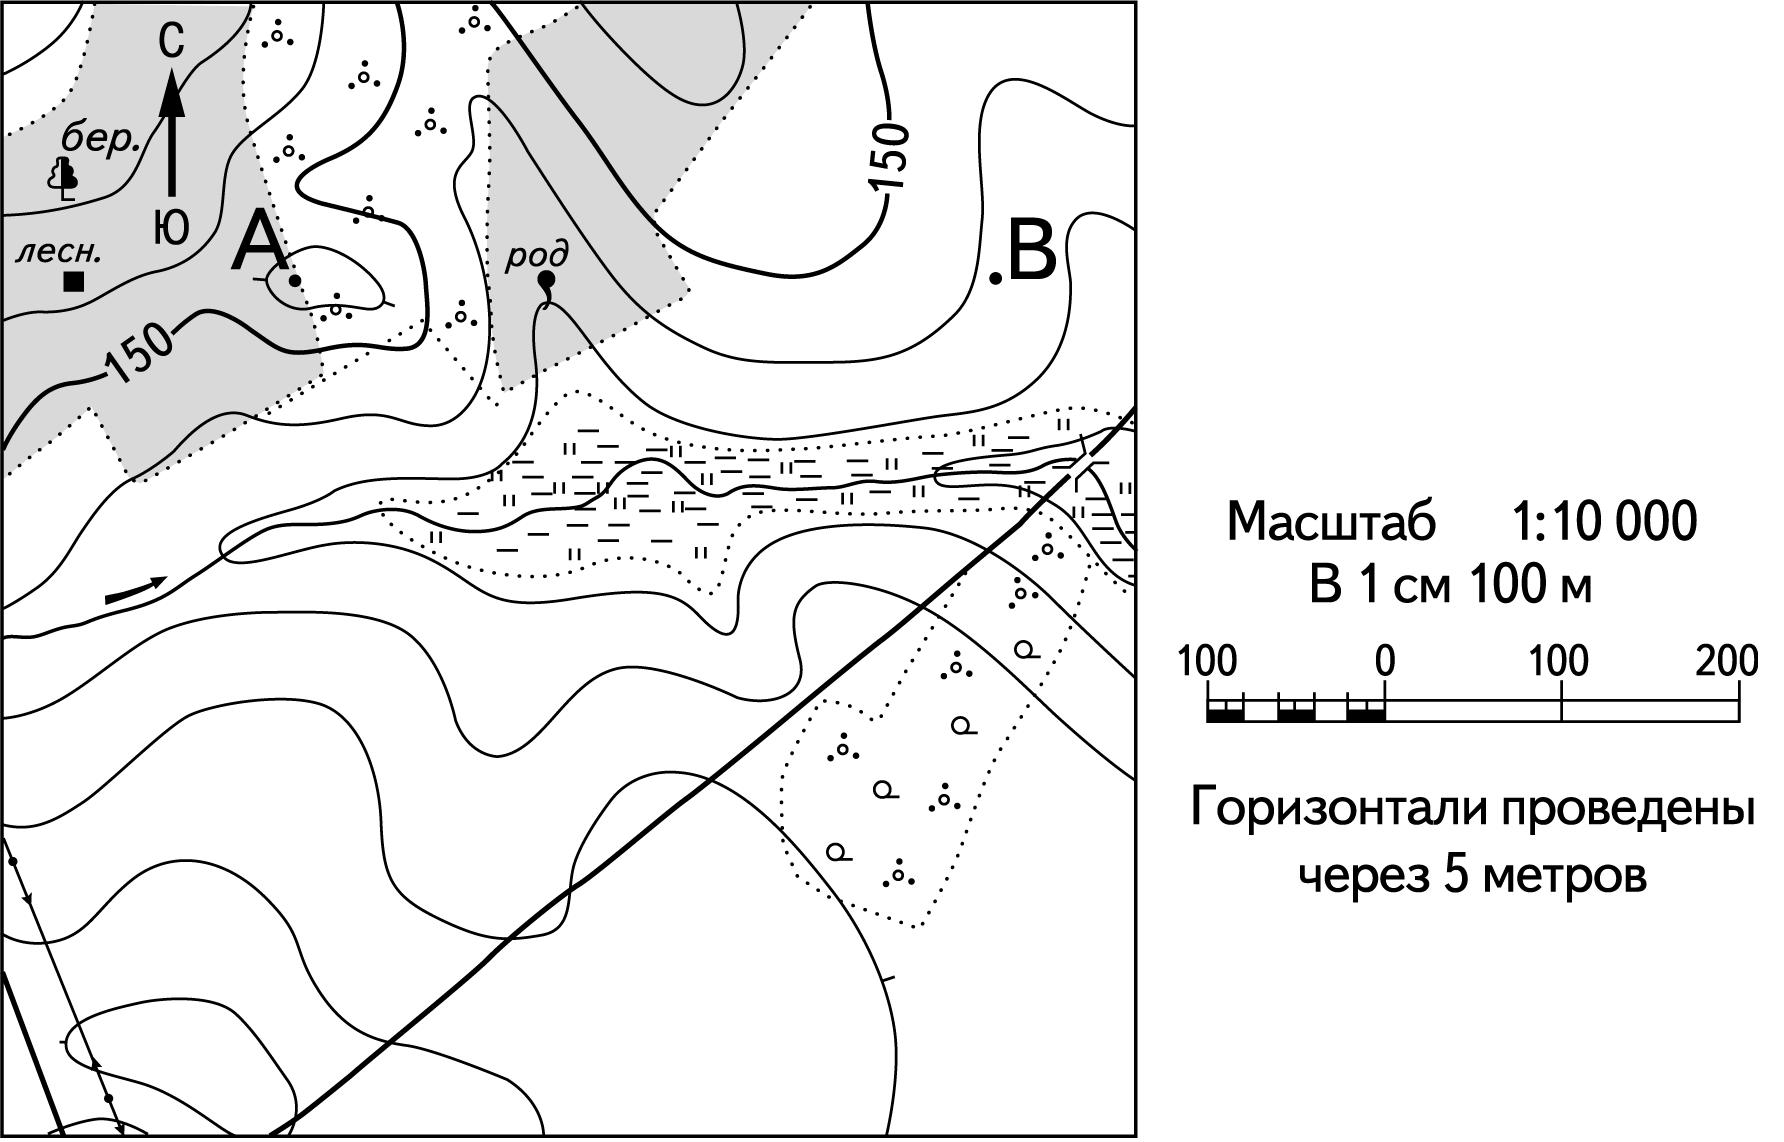 Определите по карте расстояние на местности по прямой от родника до дома лесника. Полученный результат округлите до десятков метров.